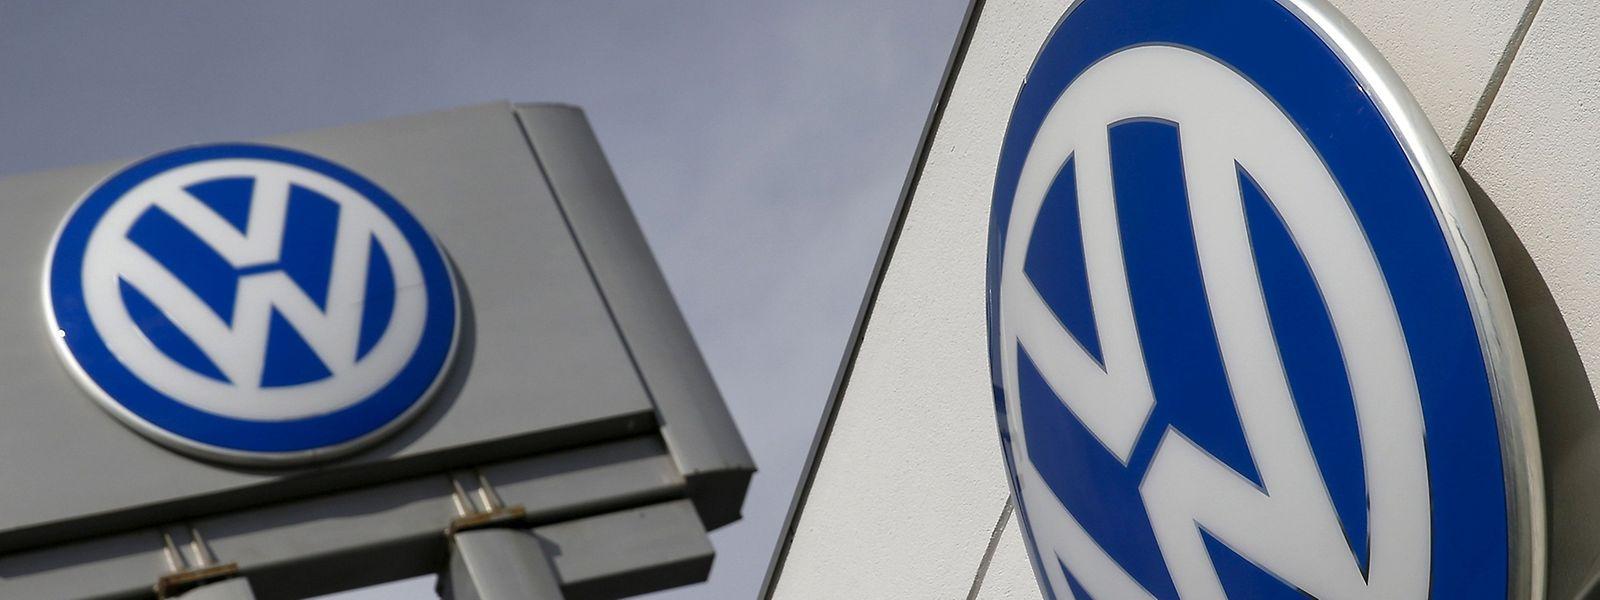 17,8 Milliarden Euro hat Deutschlands größtes Unternehmen bislang für die rechtlichen Folgen des Diesel-Skandals zurückgelegt.